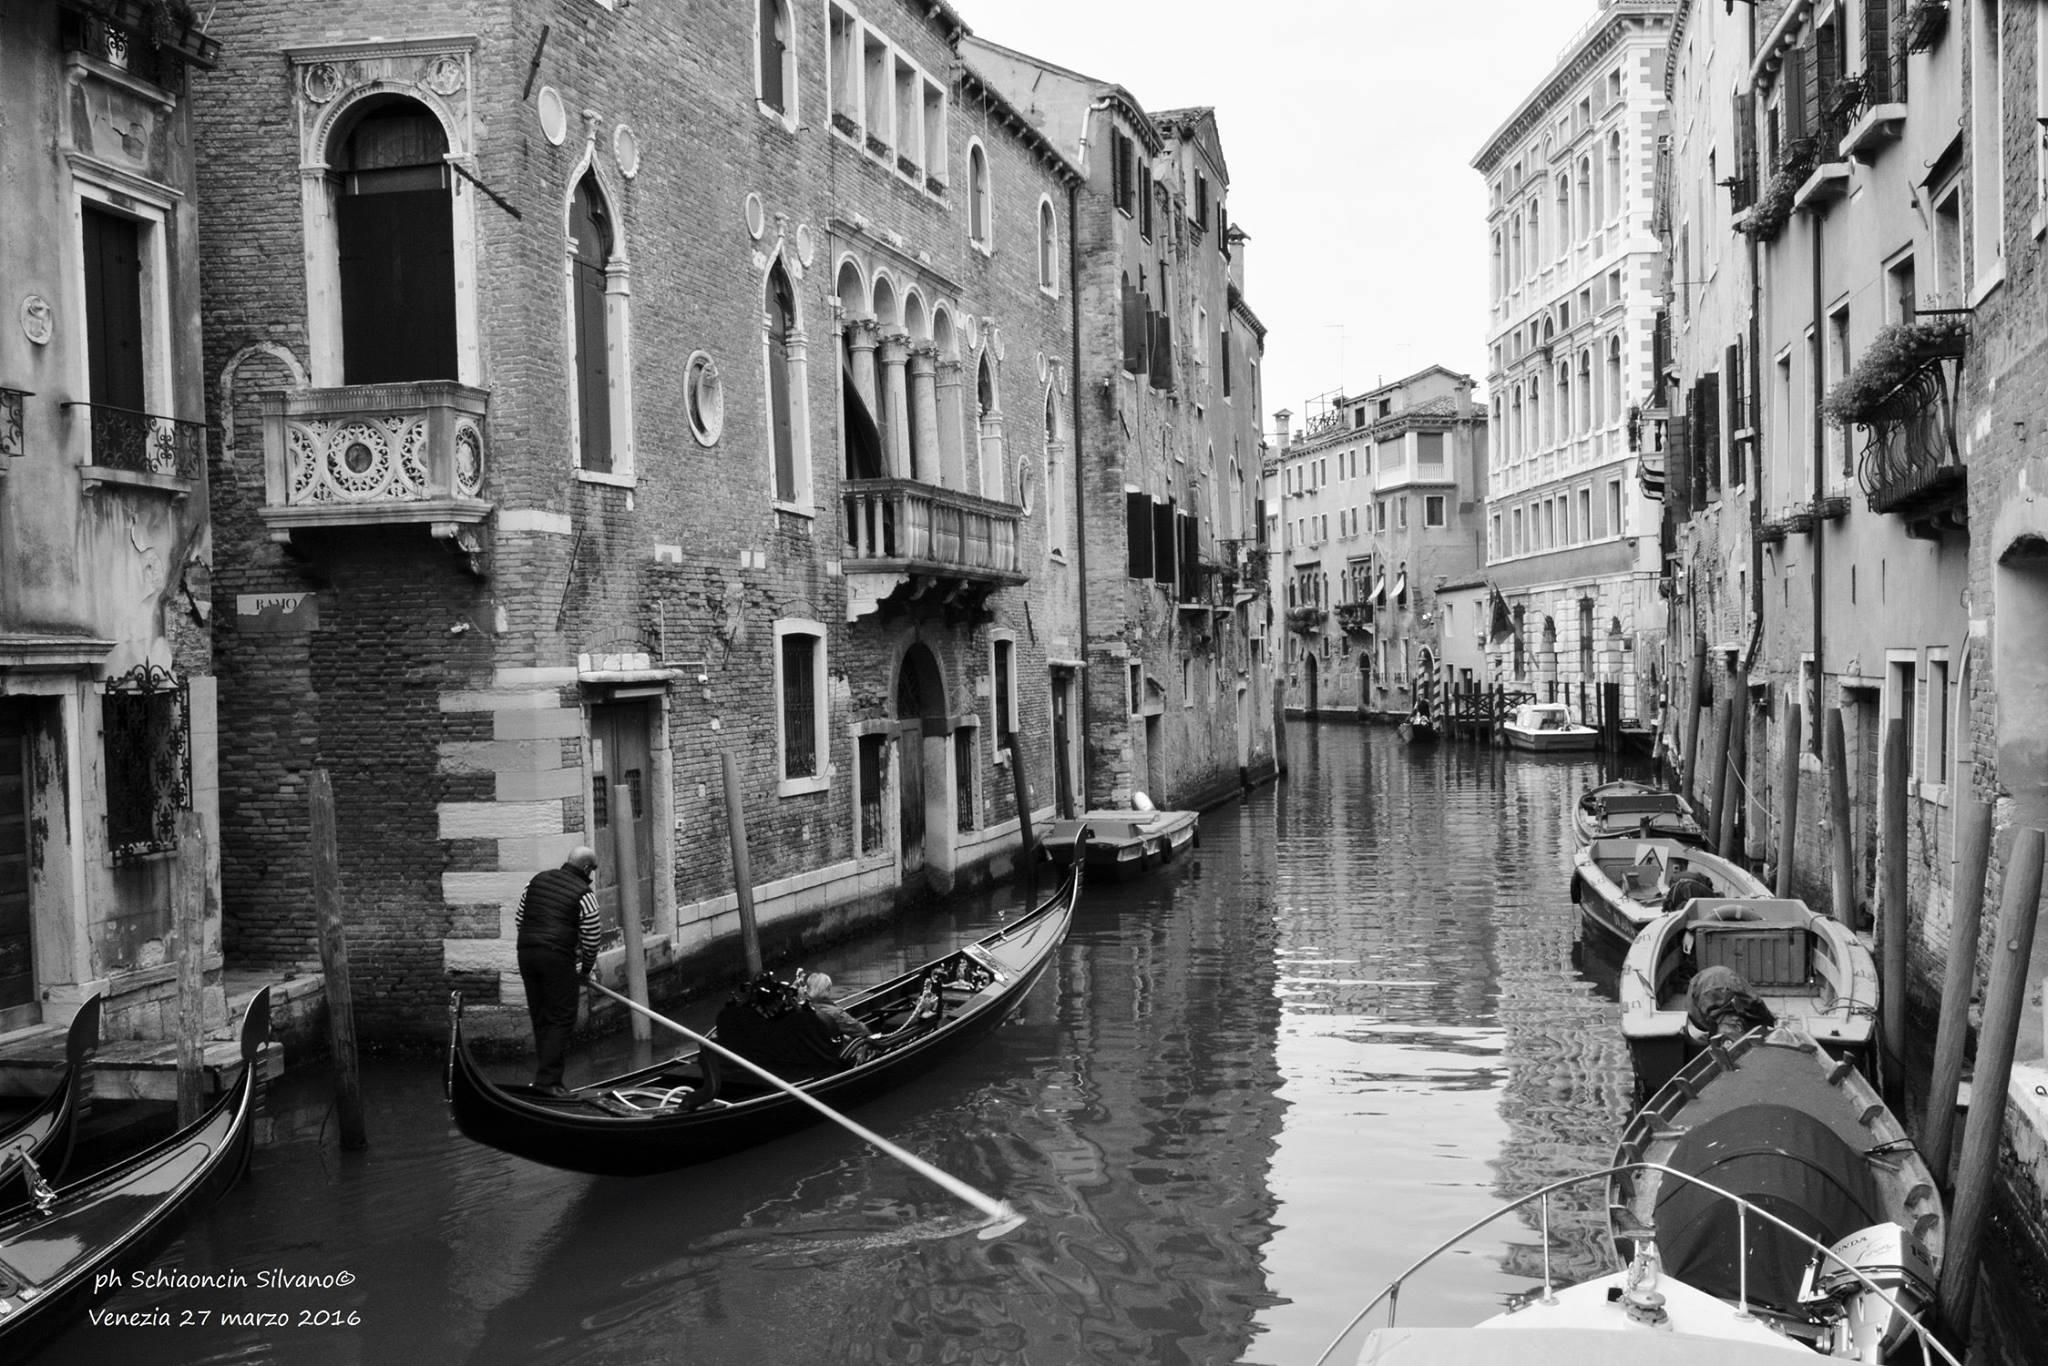 Venezia in bianco e nero: fotografie per la città.